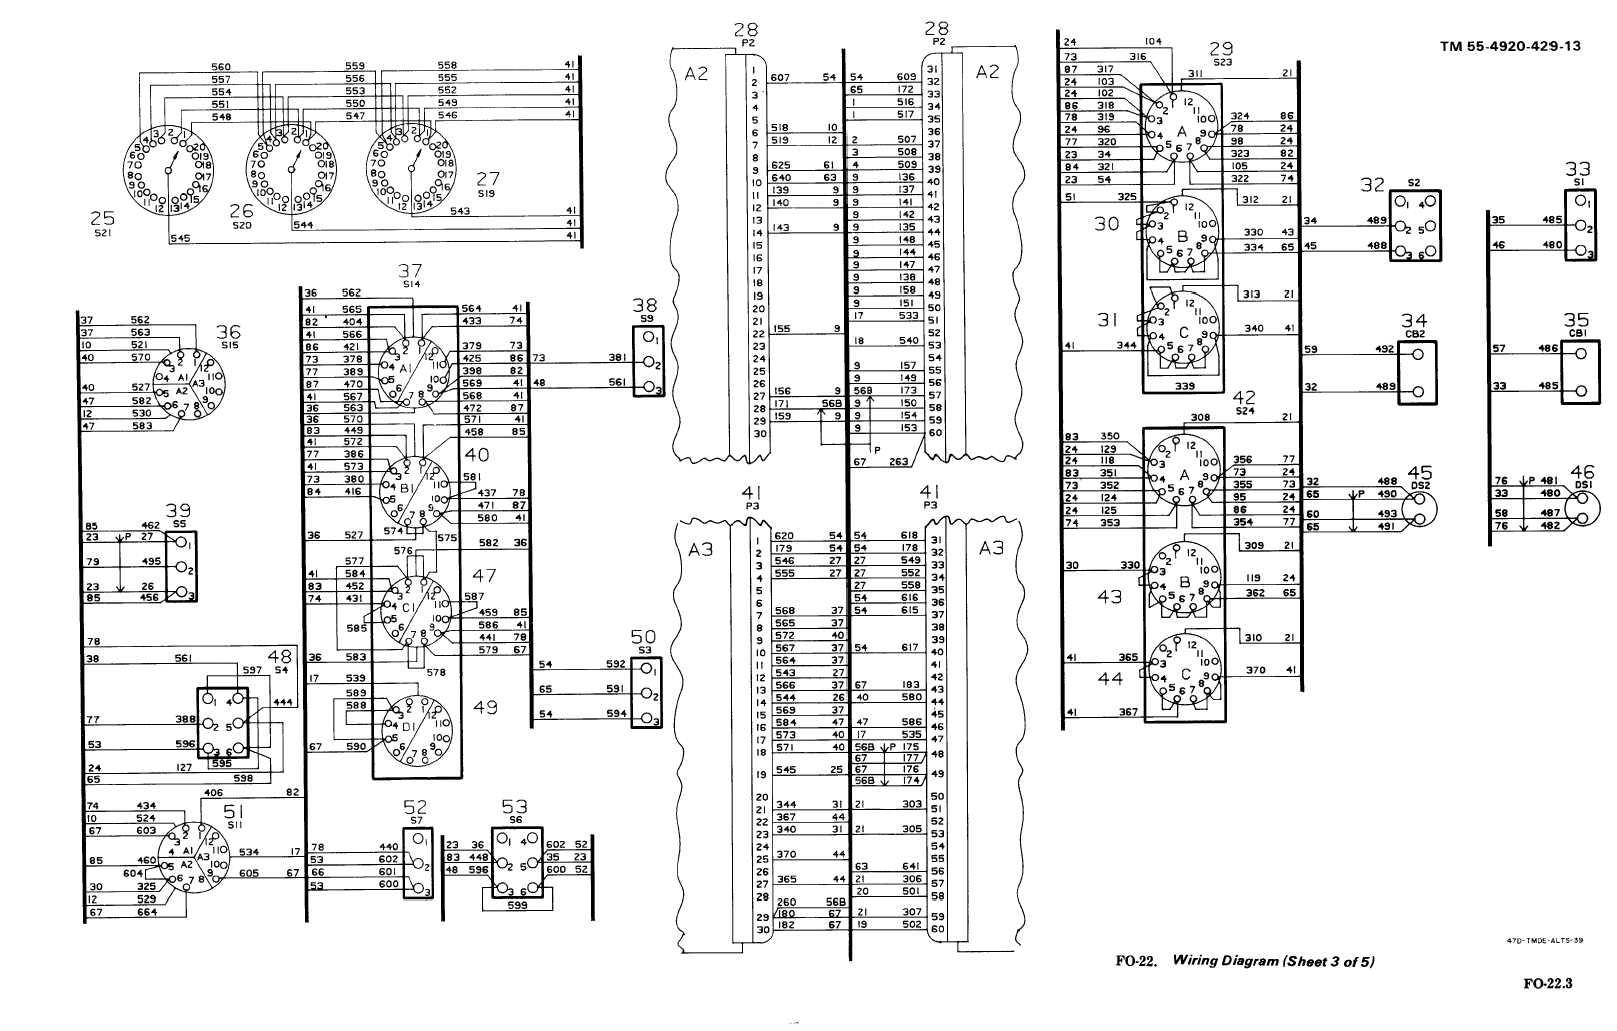 FO-22. Wiring Diagram (Sheet 3 of 5)